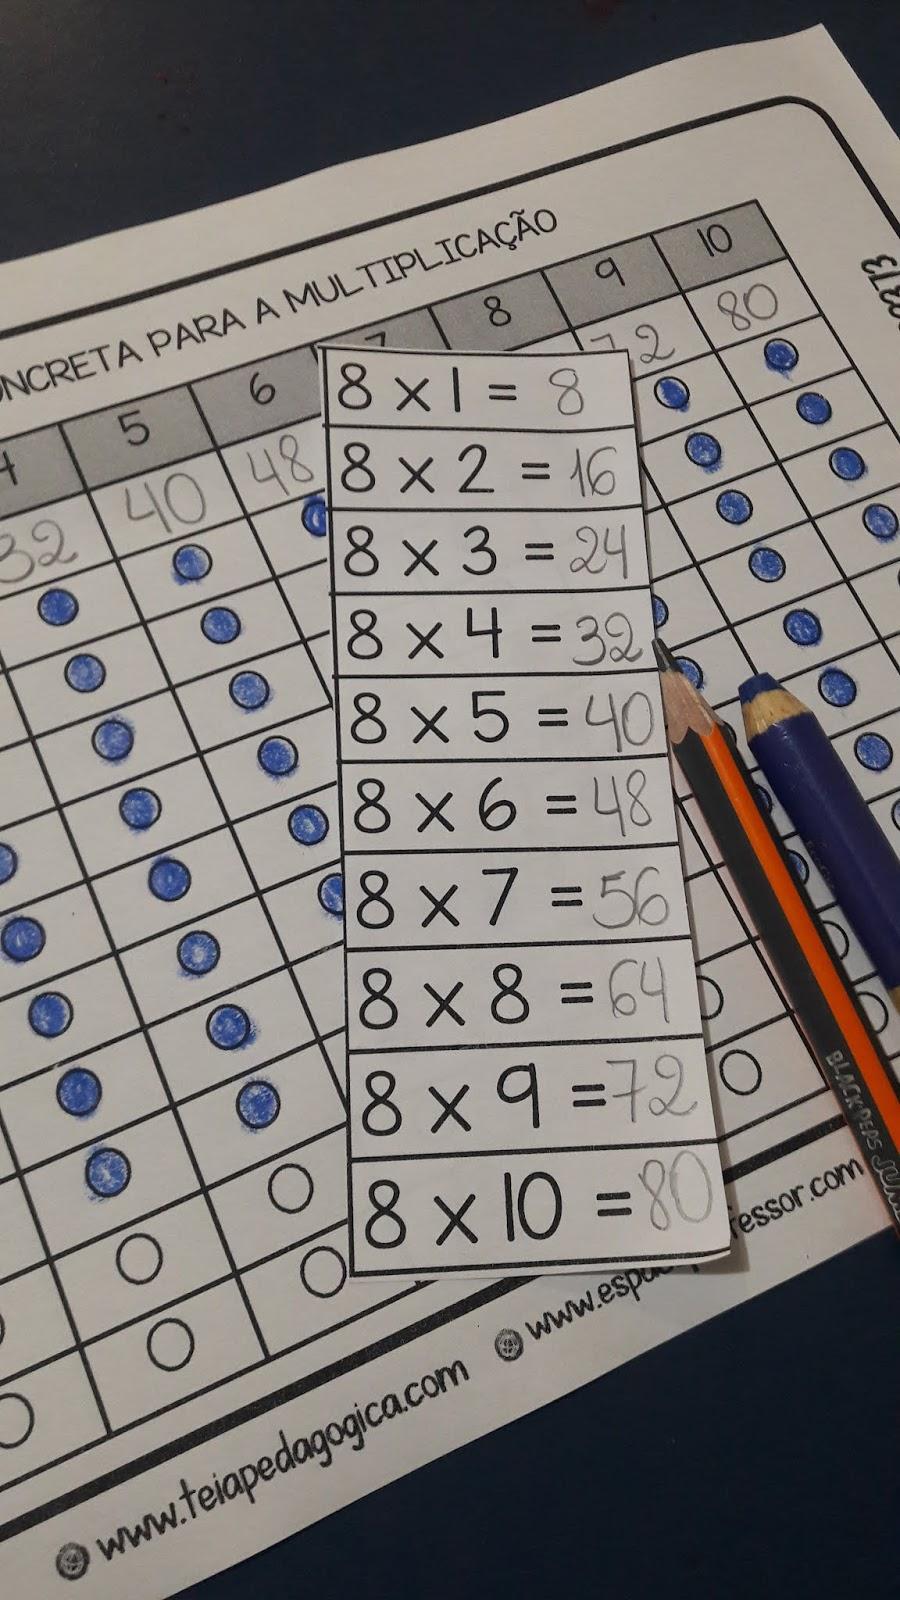 20190413_213046 Tabela para treinar os fatos da multiplicação grátis no blog